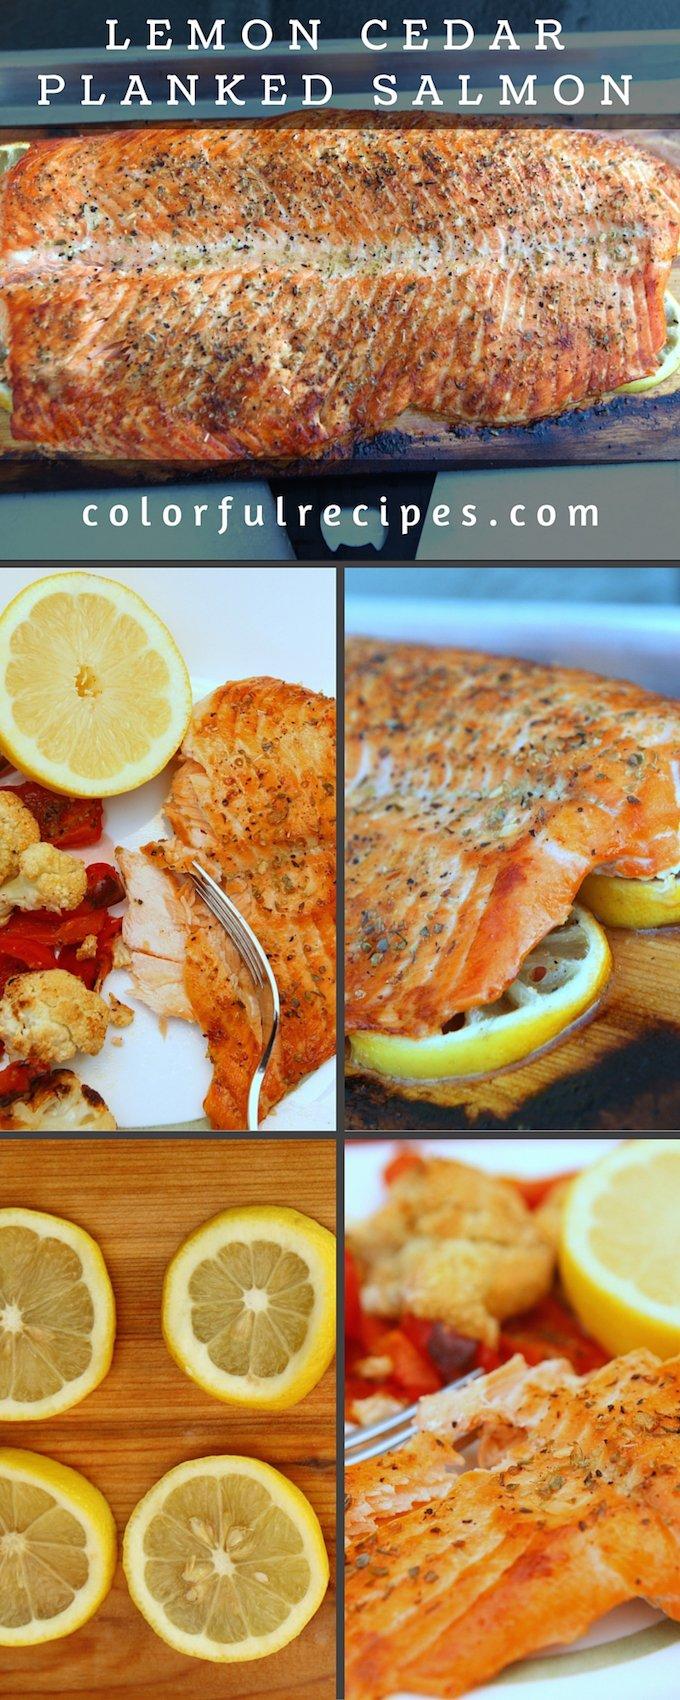 lemon cedar planked salmon